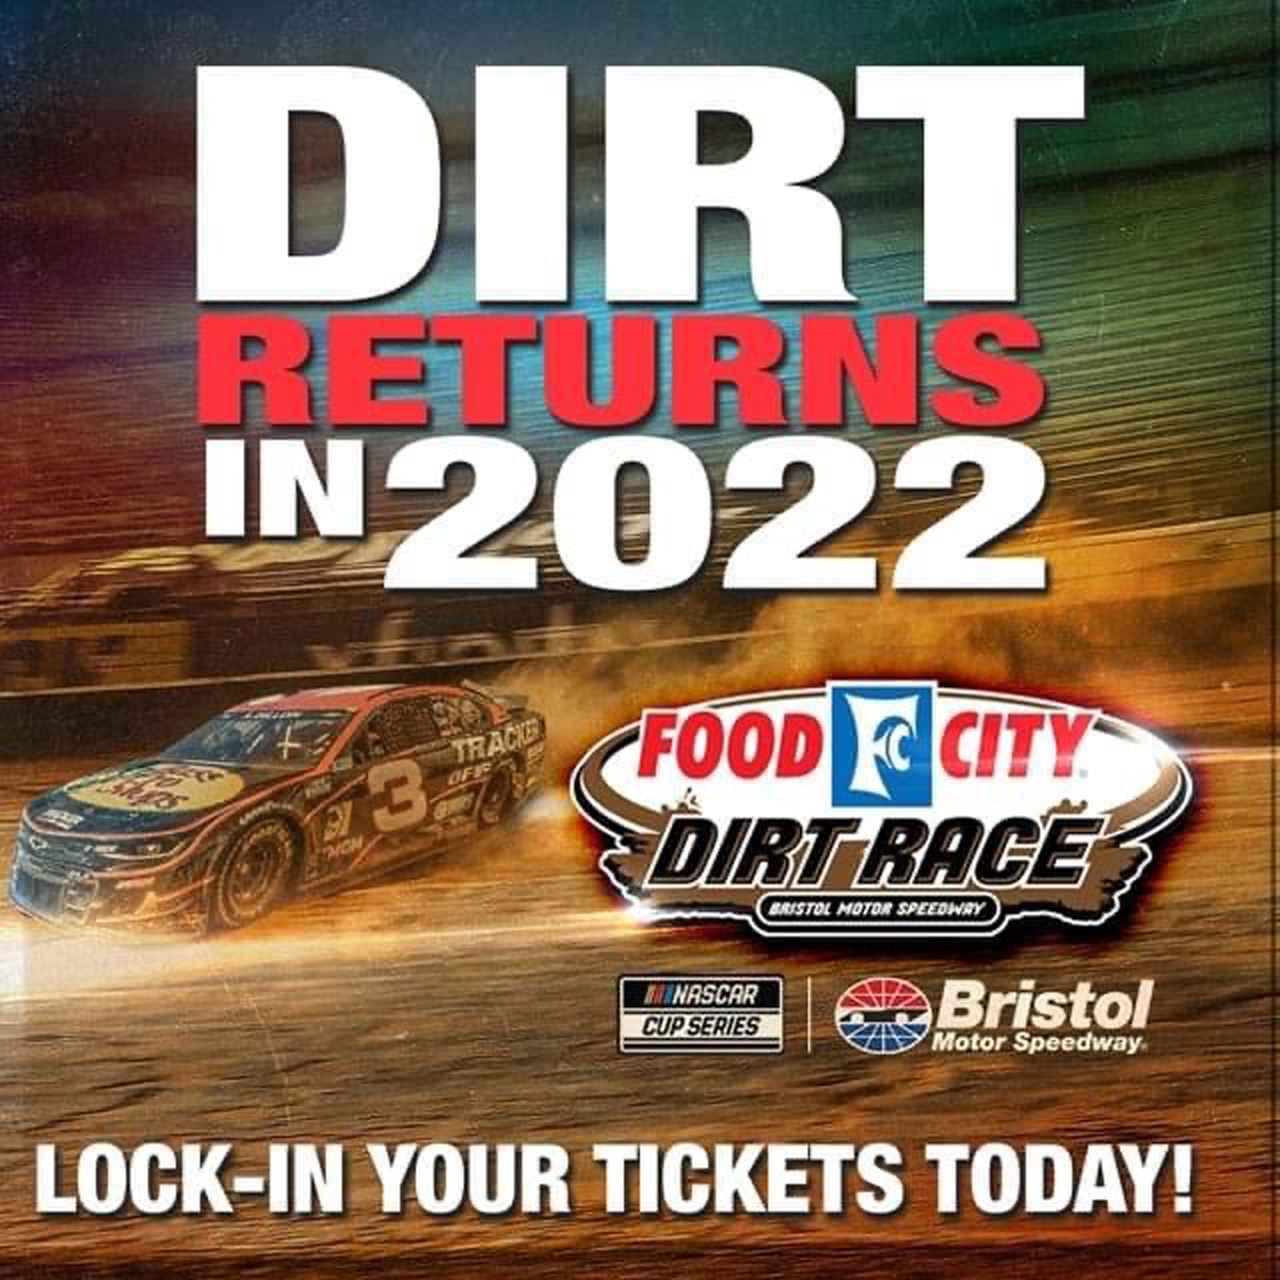 画像: NASCARブリストルのダート戦、早速?いきなり?2022年もやりますと告知。既定路線だったか・・・。